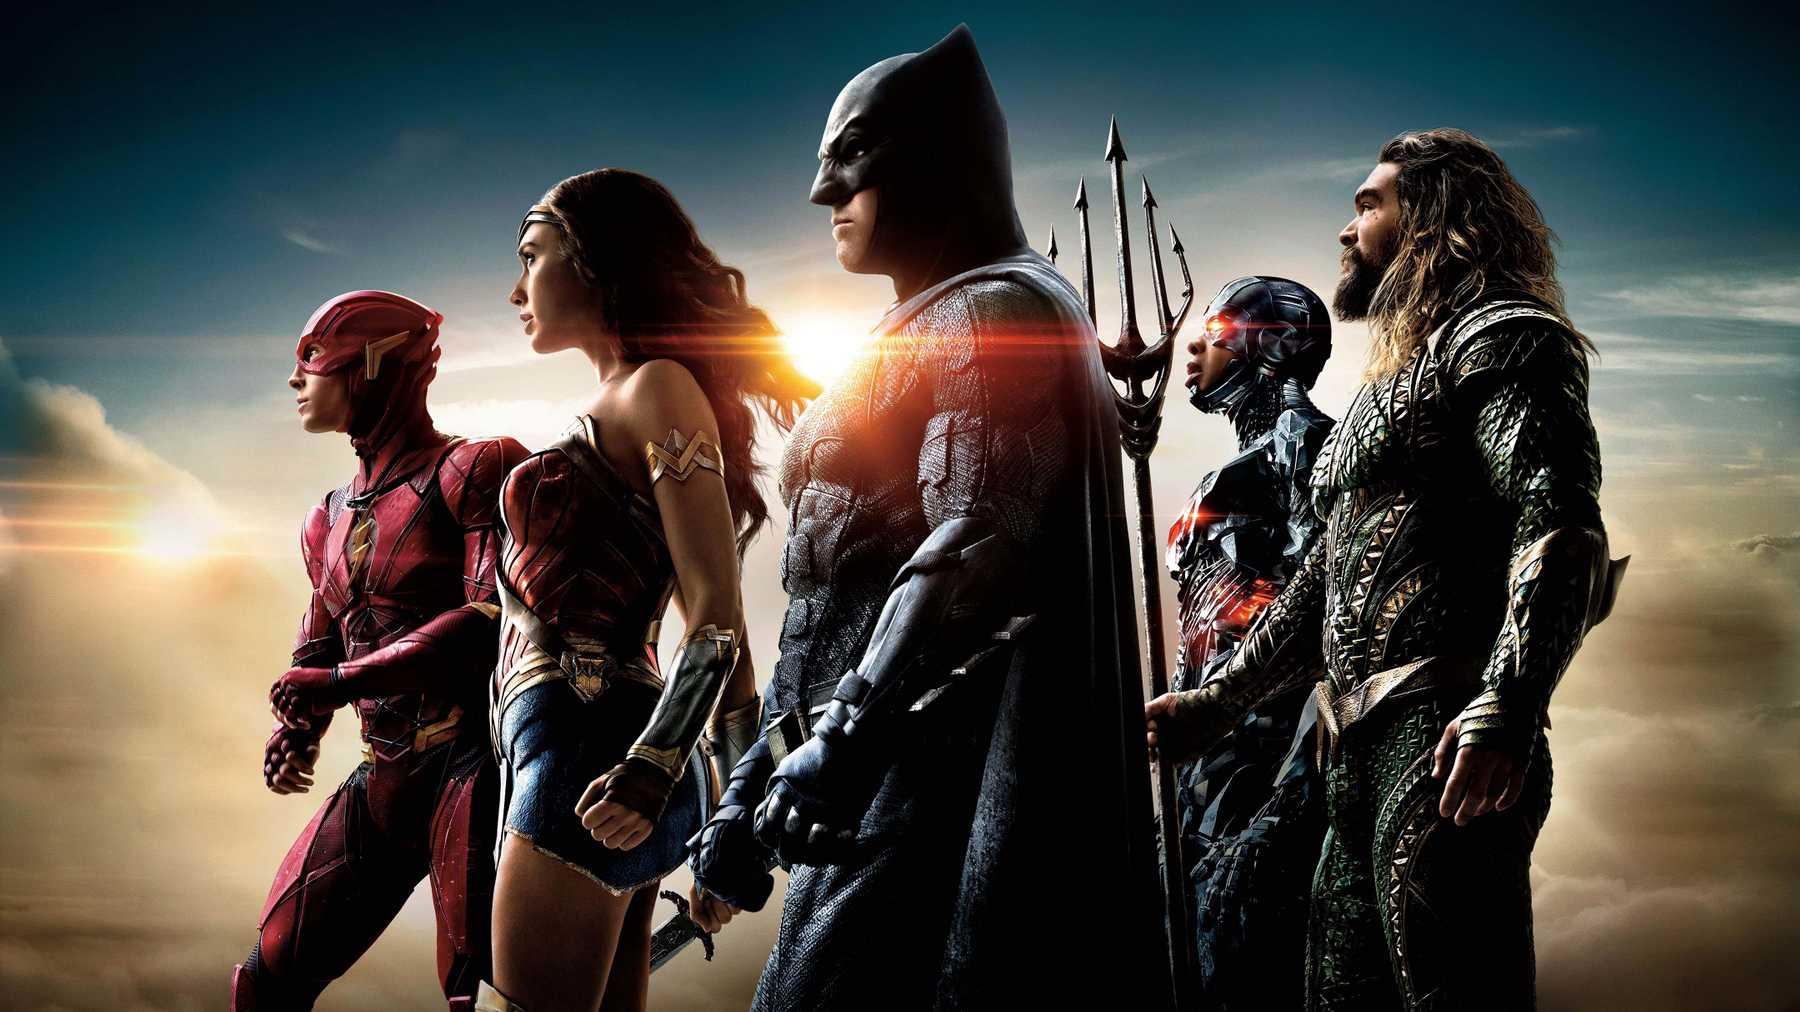 Режиссерская версия «Лиги справедливости» выйдет 18 марта